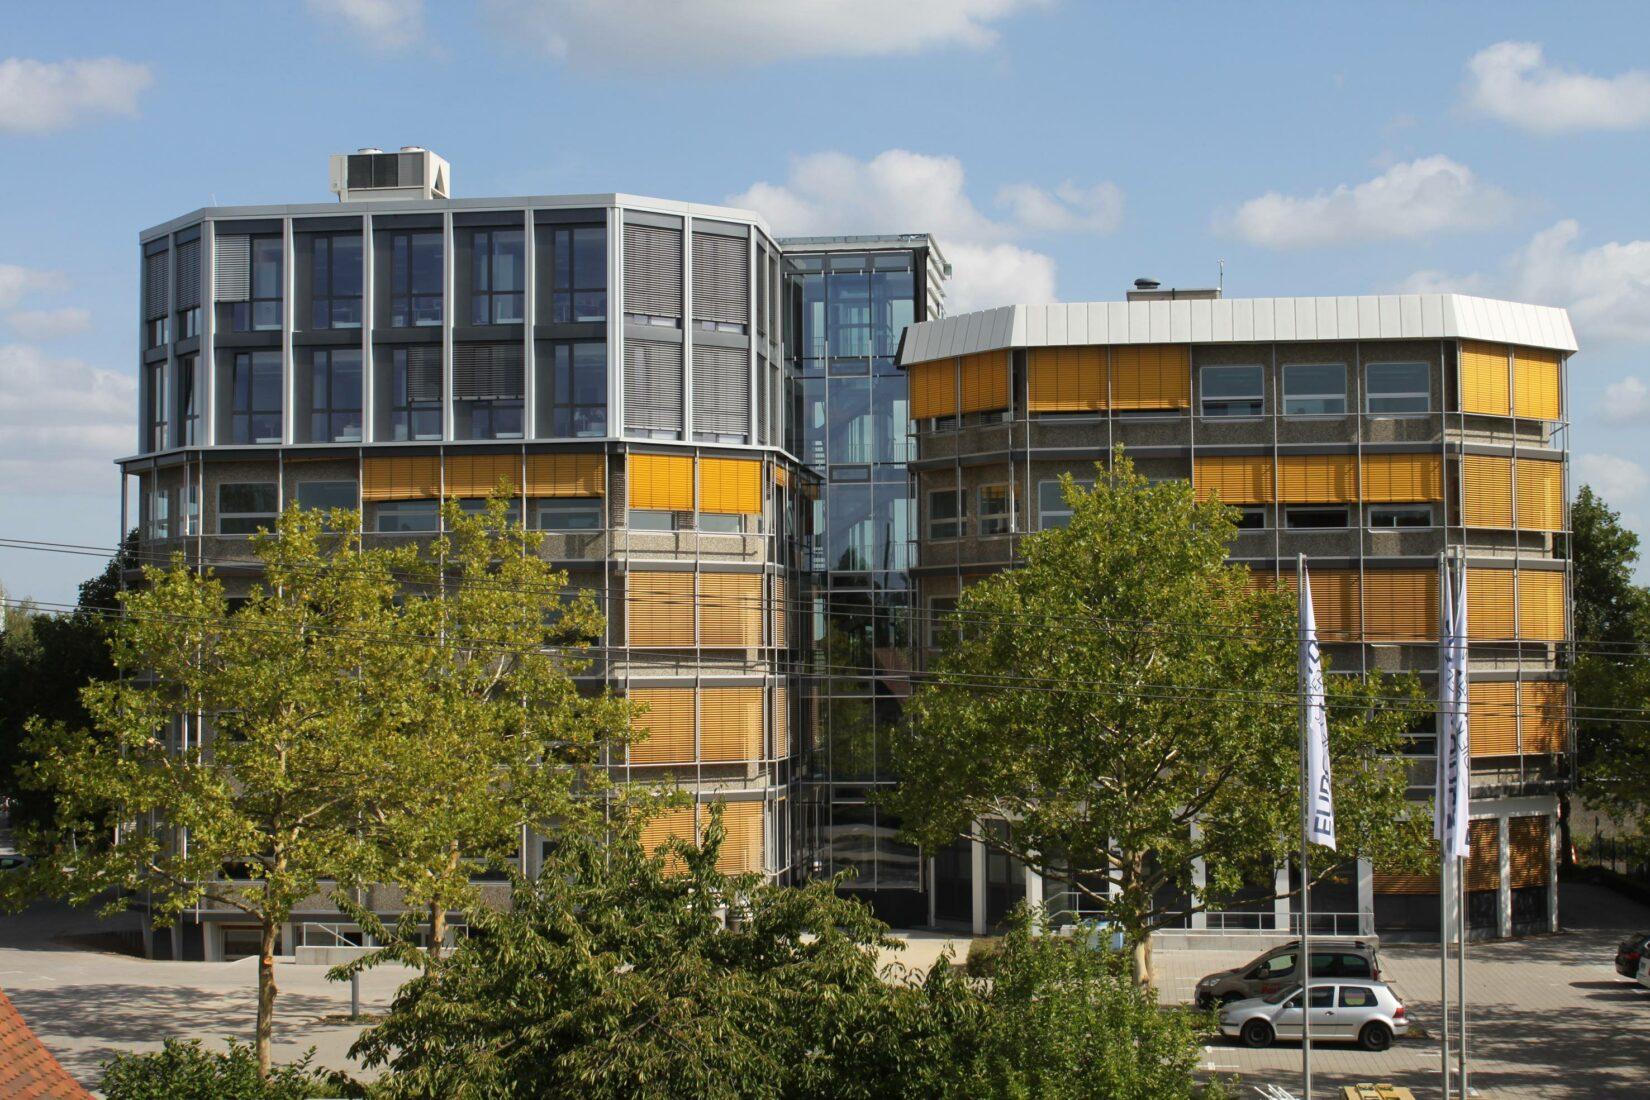 Die Zentralfakturierung der Eurobaustoff erfolgt am Kooperationssitz in Karlsruhe. Foto: Eurobaustoff